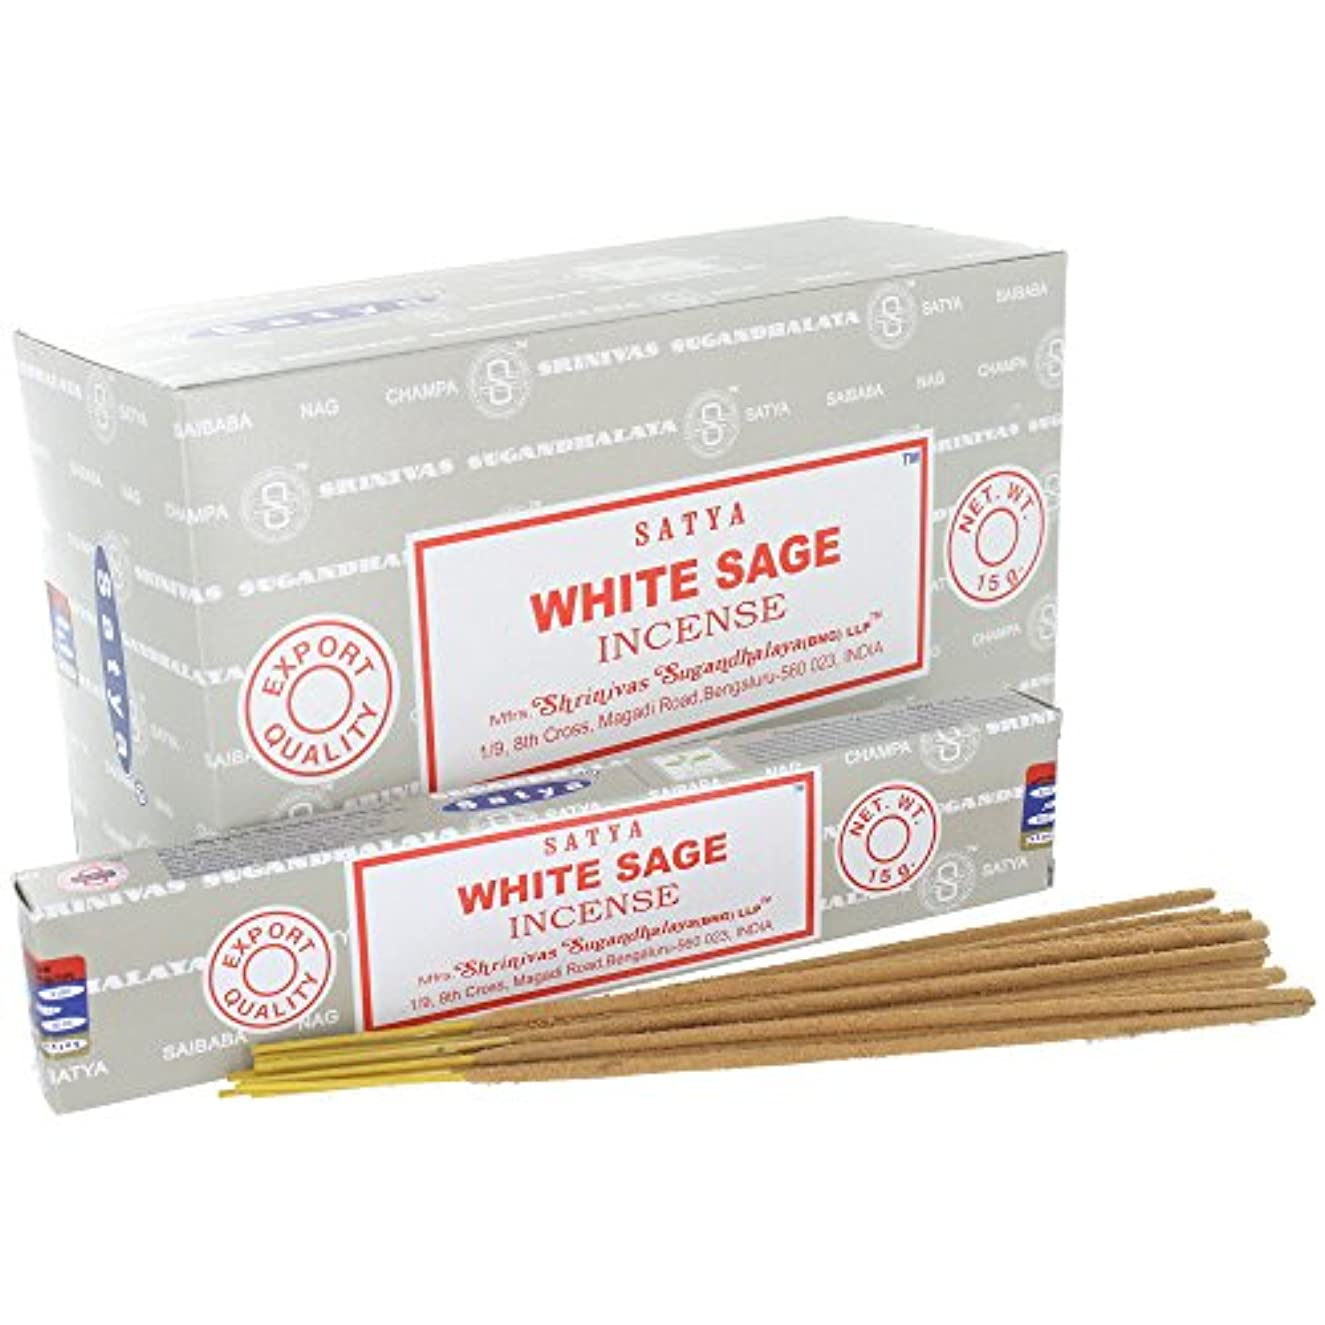 めまいが困難味わうSatya White Sage Incense Sticks (Box) 15g X 12 = 180g